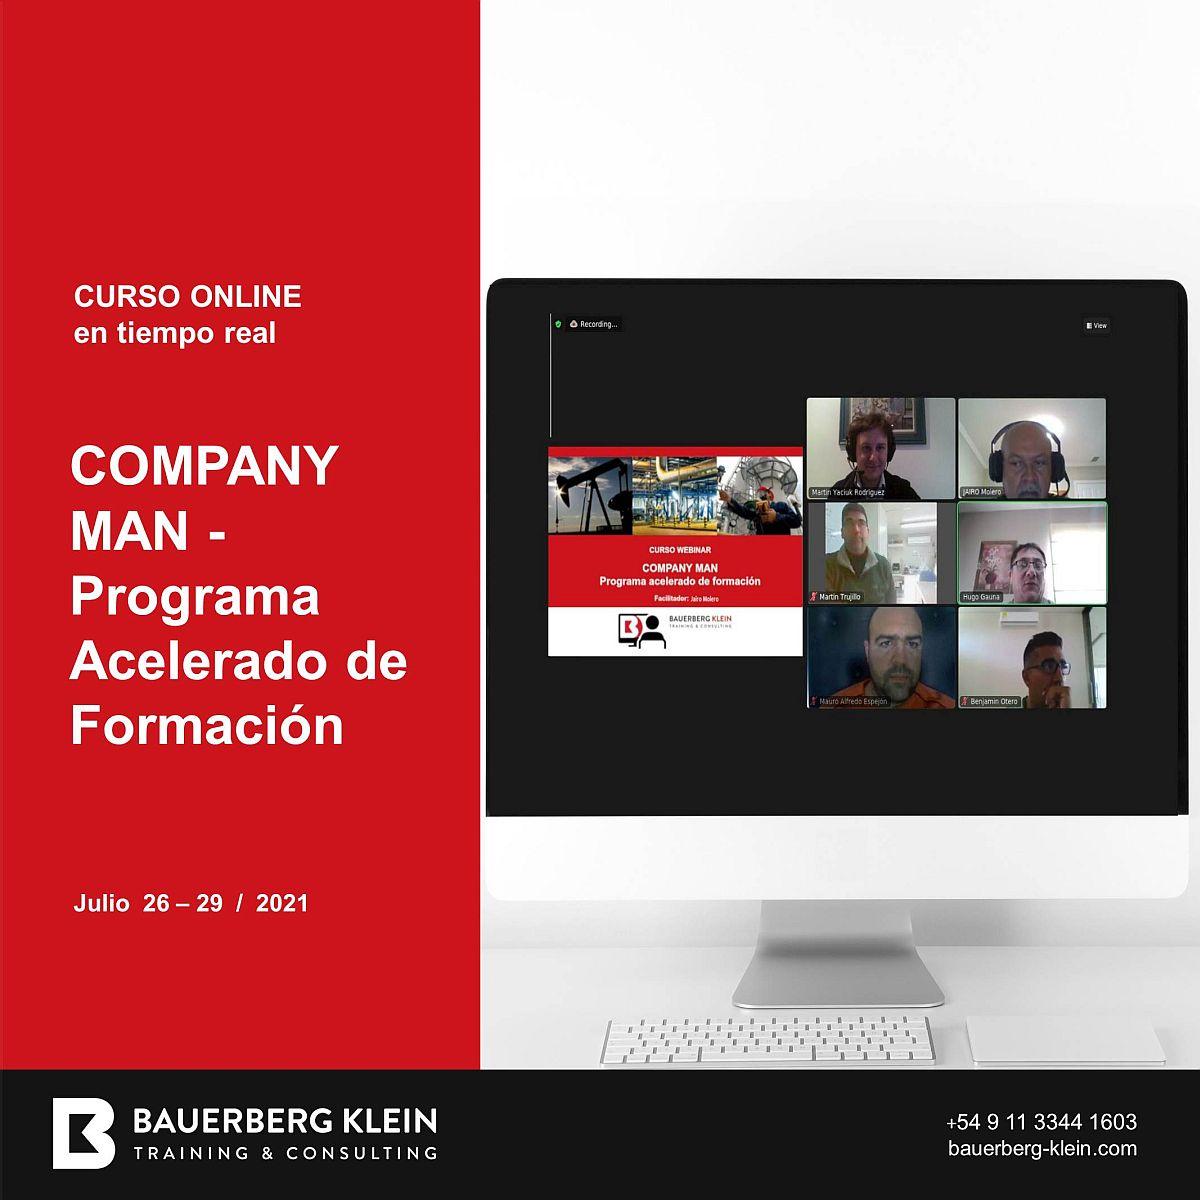 COMPANY MAN - Programa Acelerado de Formación